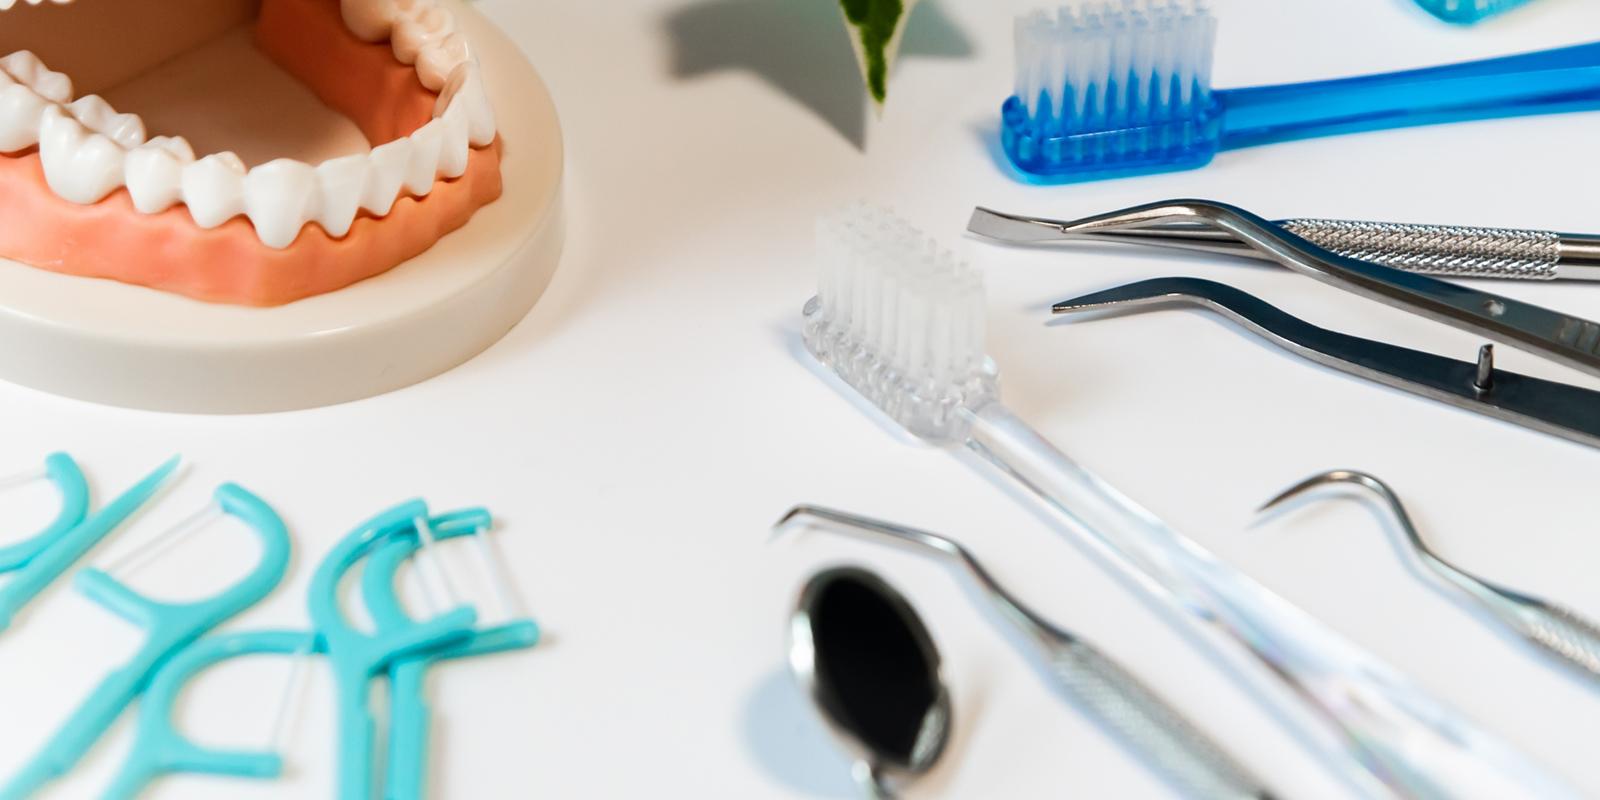 歯の模型と器具